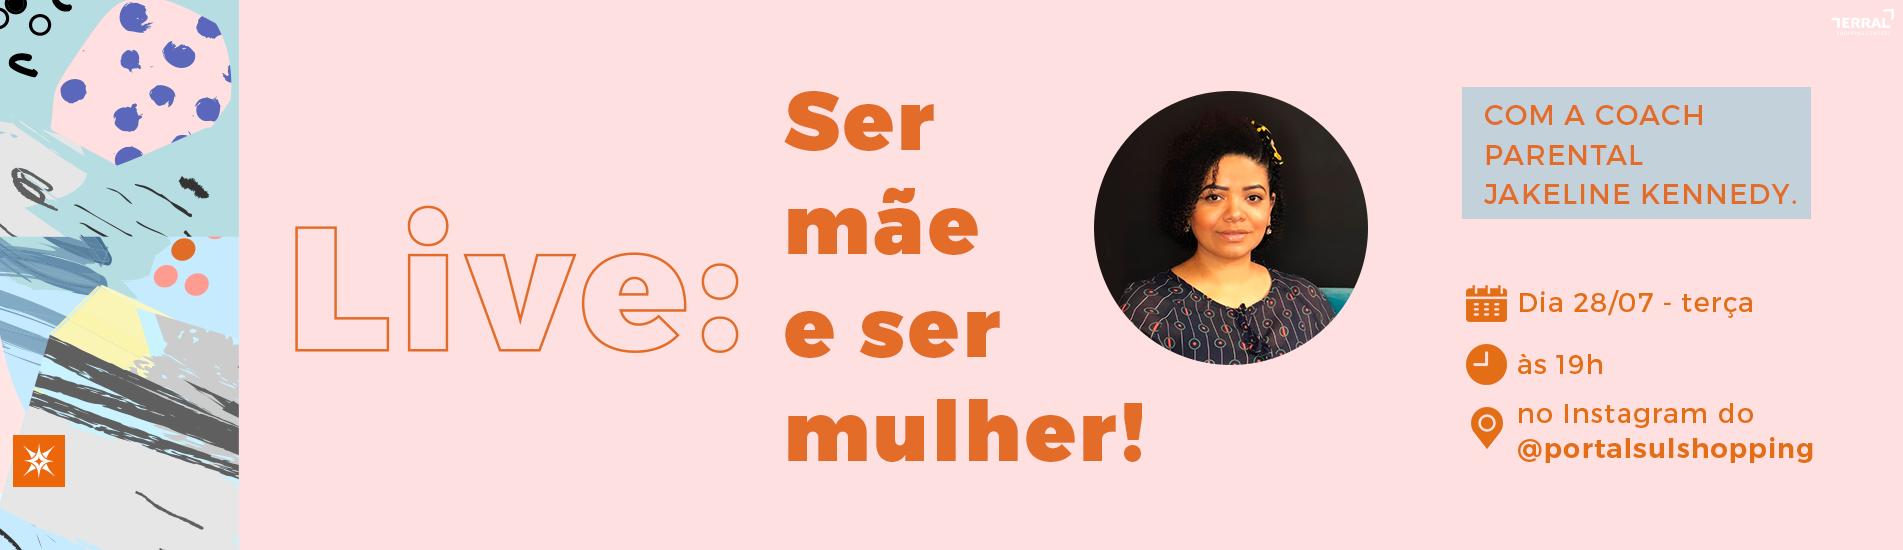 LIVE: SER MÃE E SER MULHER